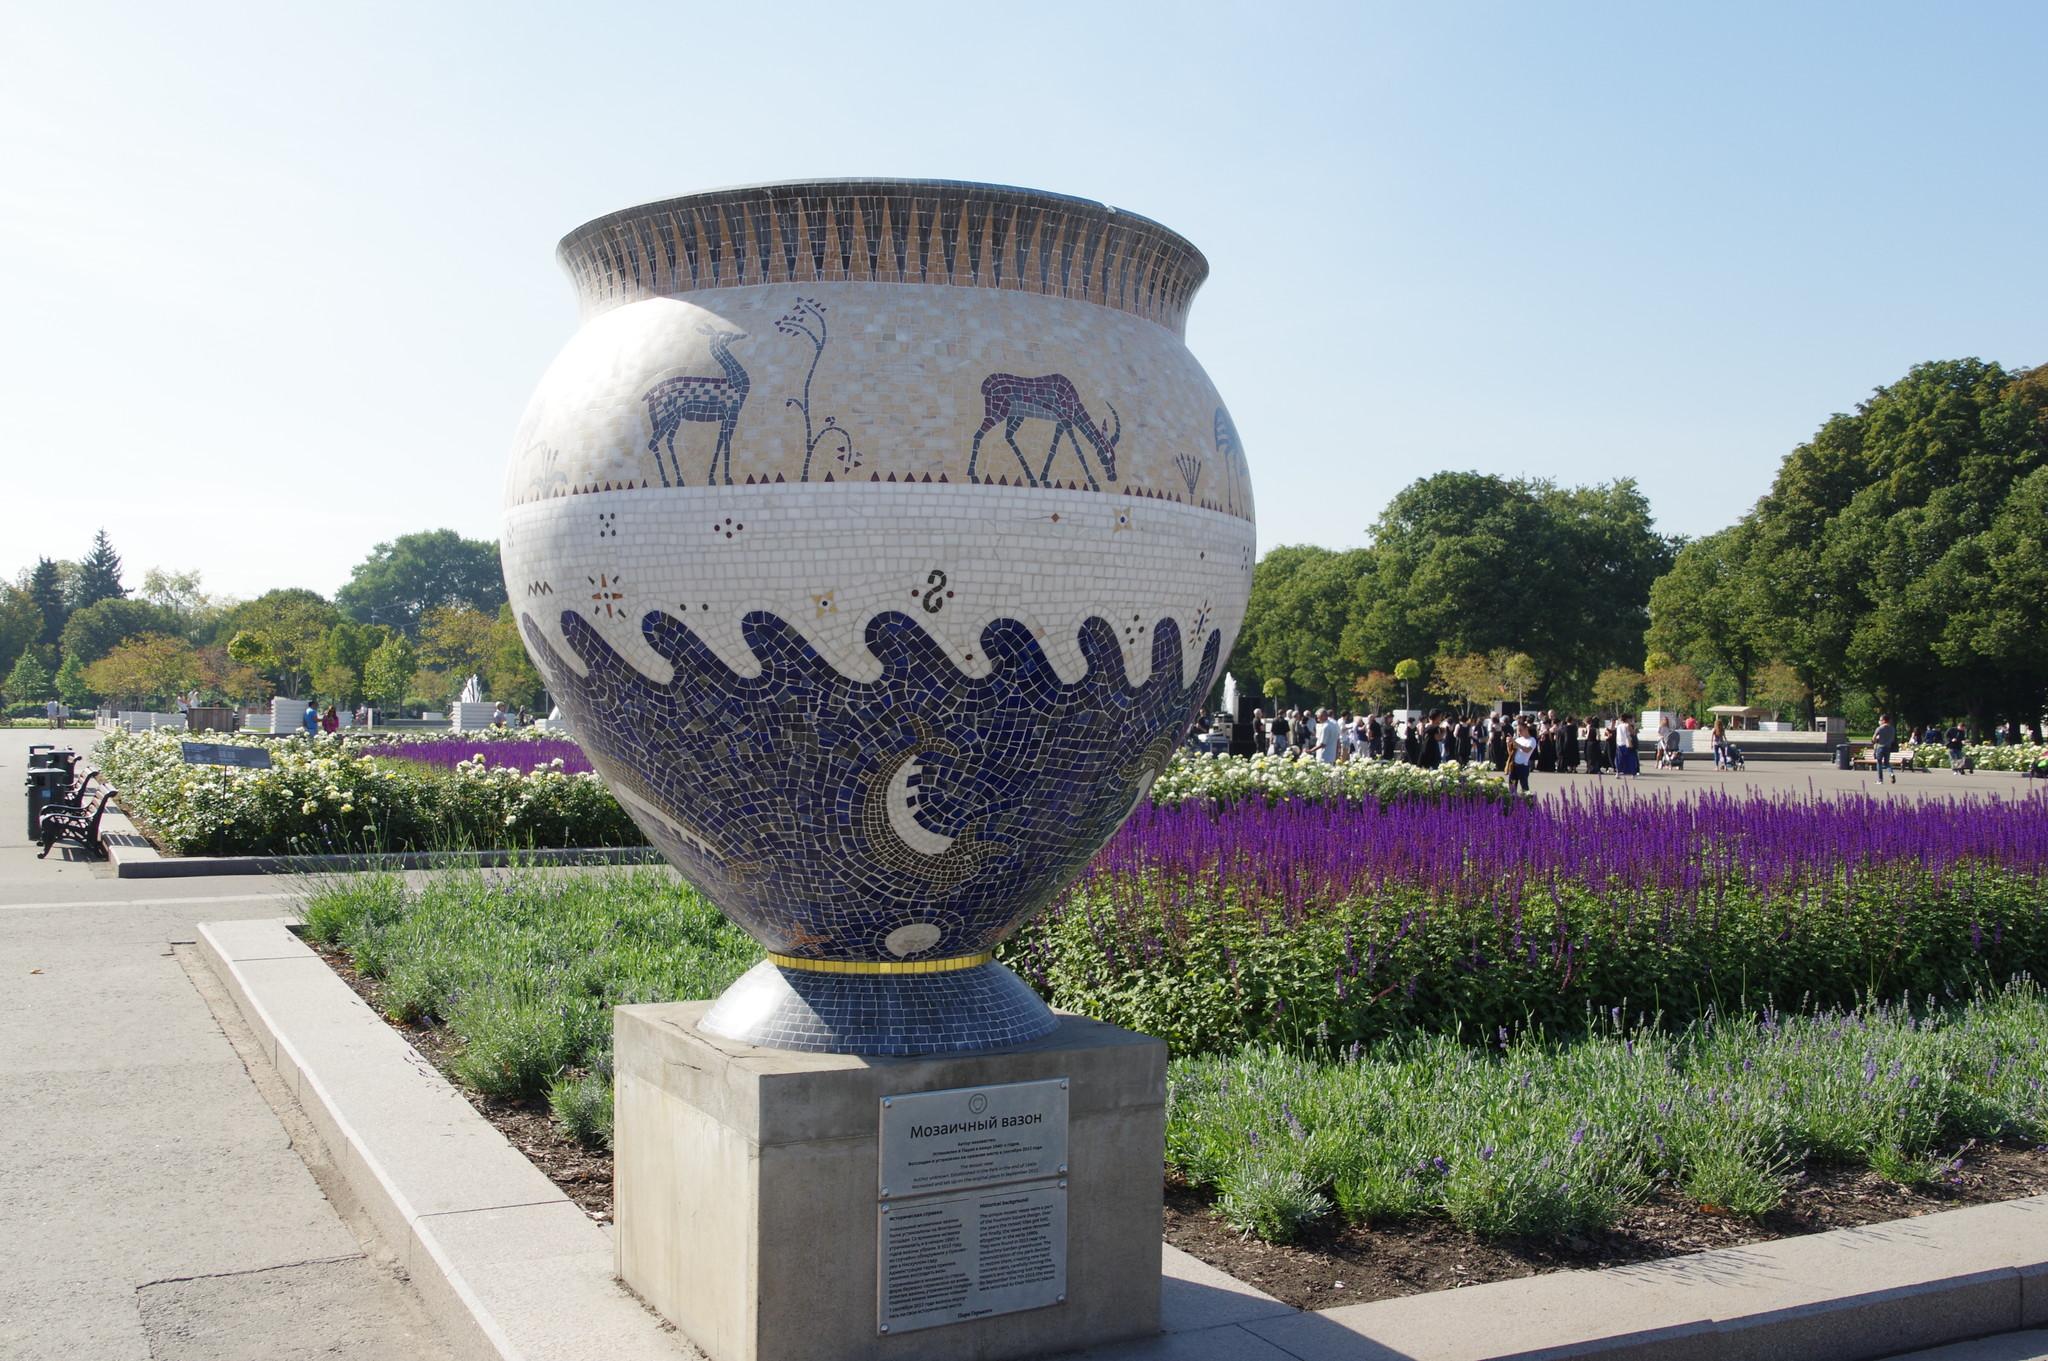 Мозаичный вазон на Фонтанной площади Центрального парка культуры и отдыха имени Максима Горького